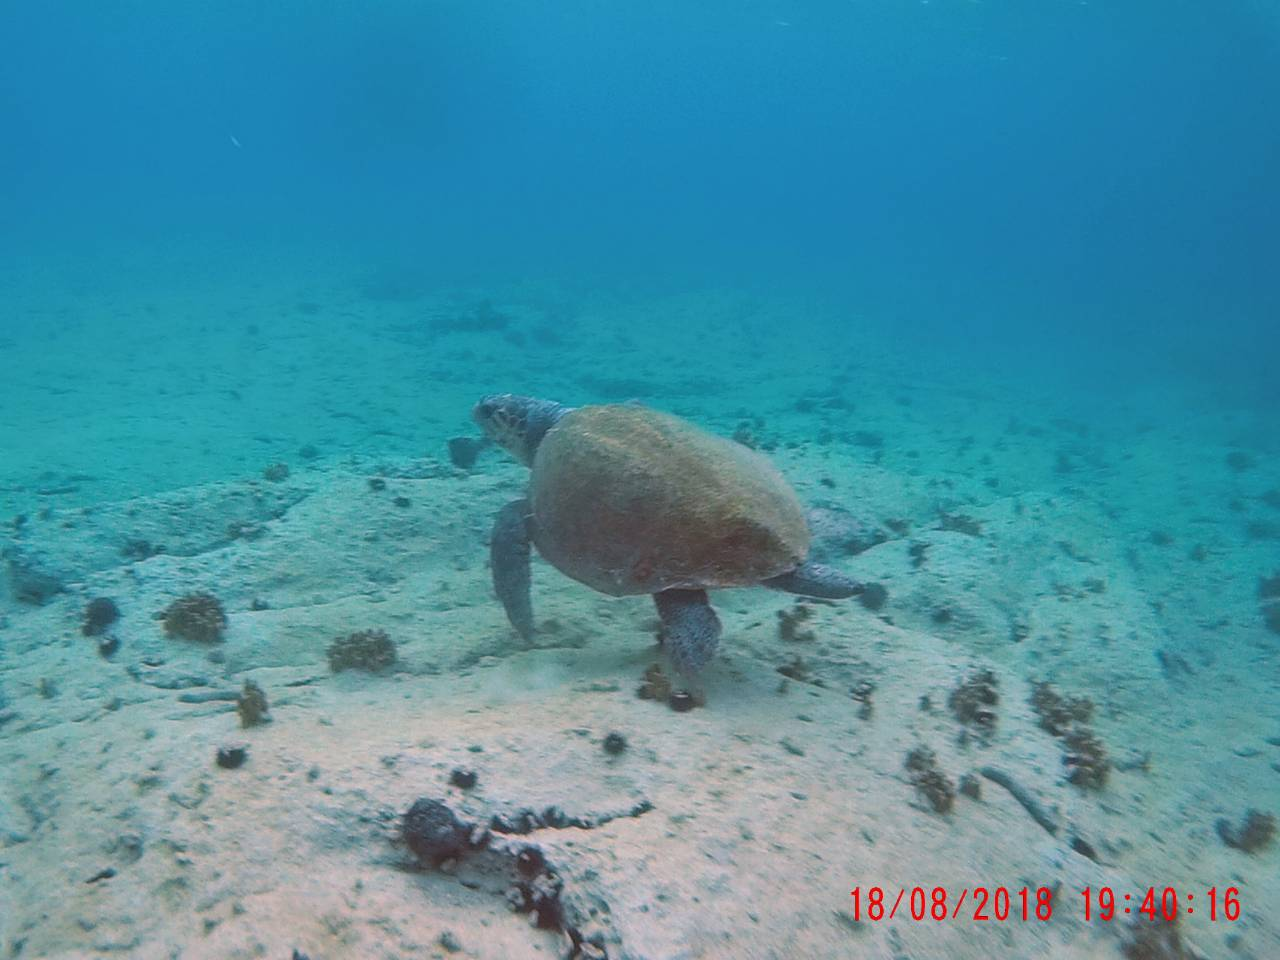 Lijepa i rijetka glavata želva došla se poigrati s djecom